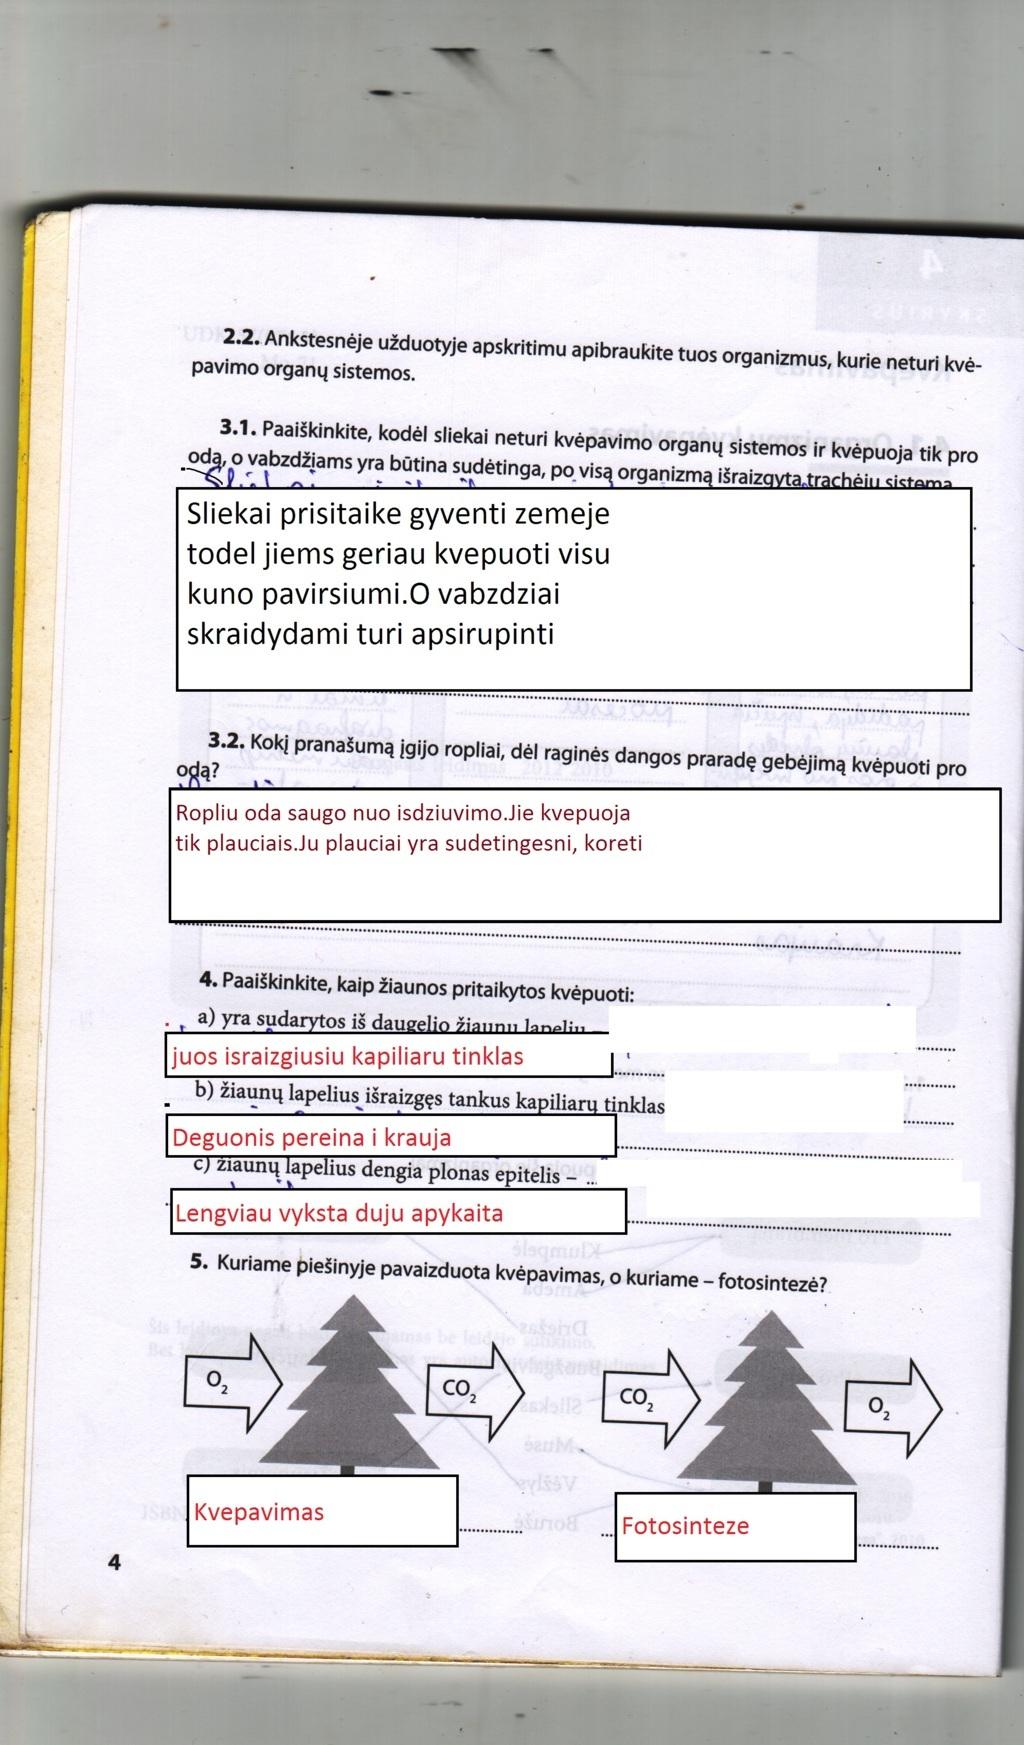 Peržiūrėti puslapį 3